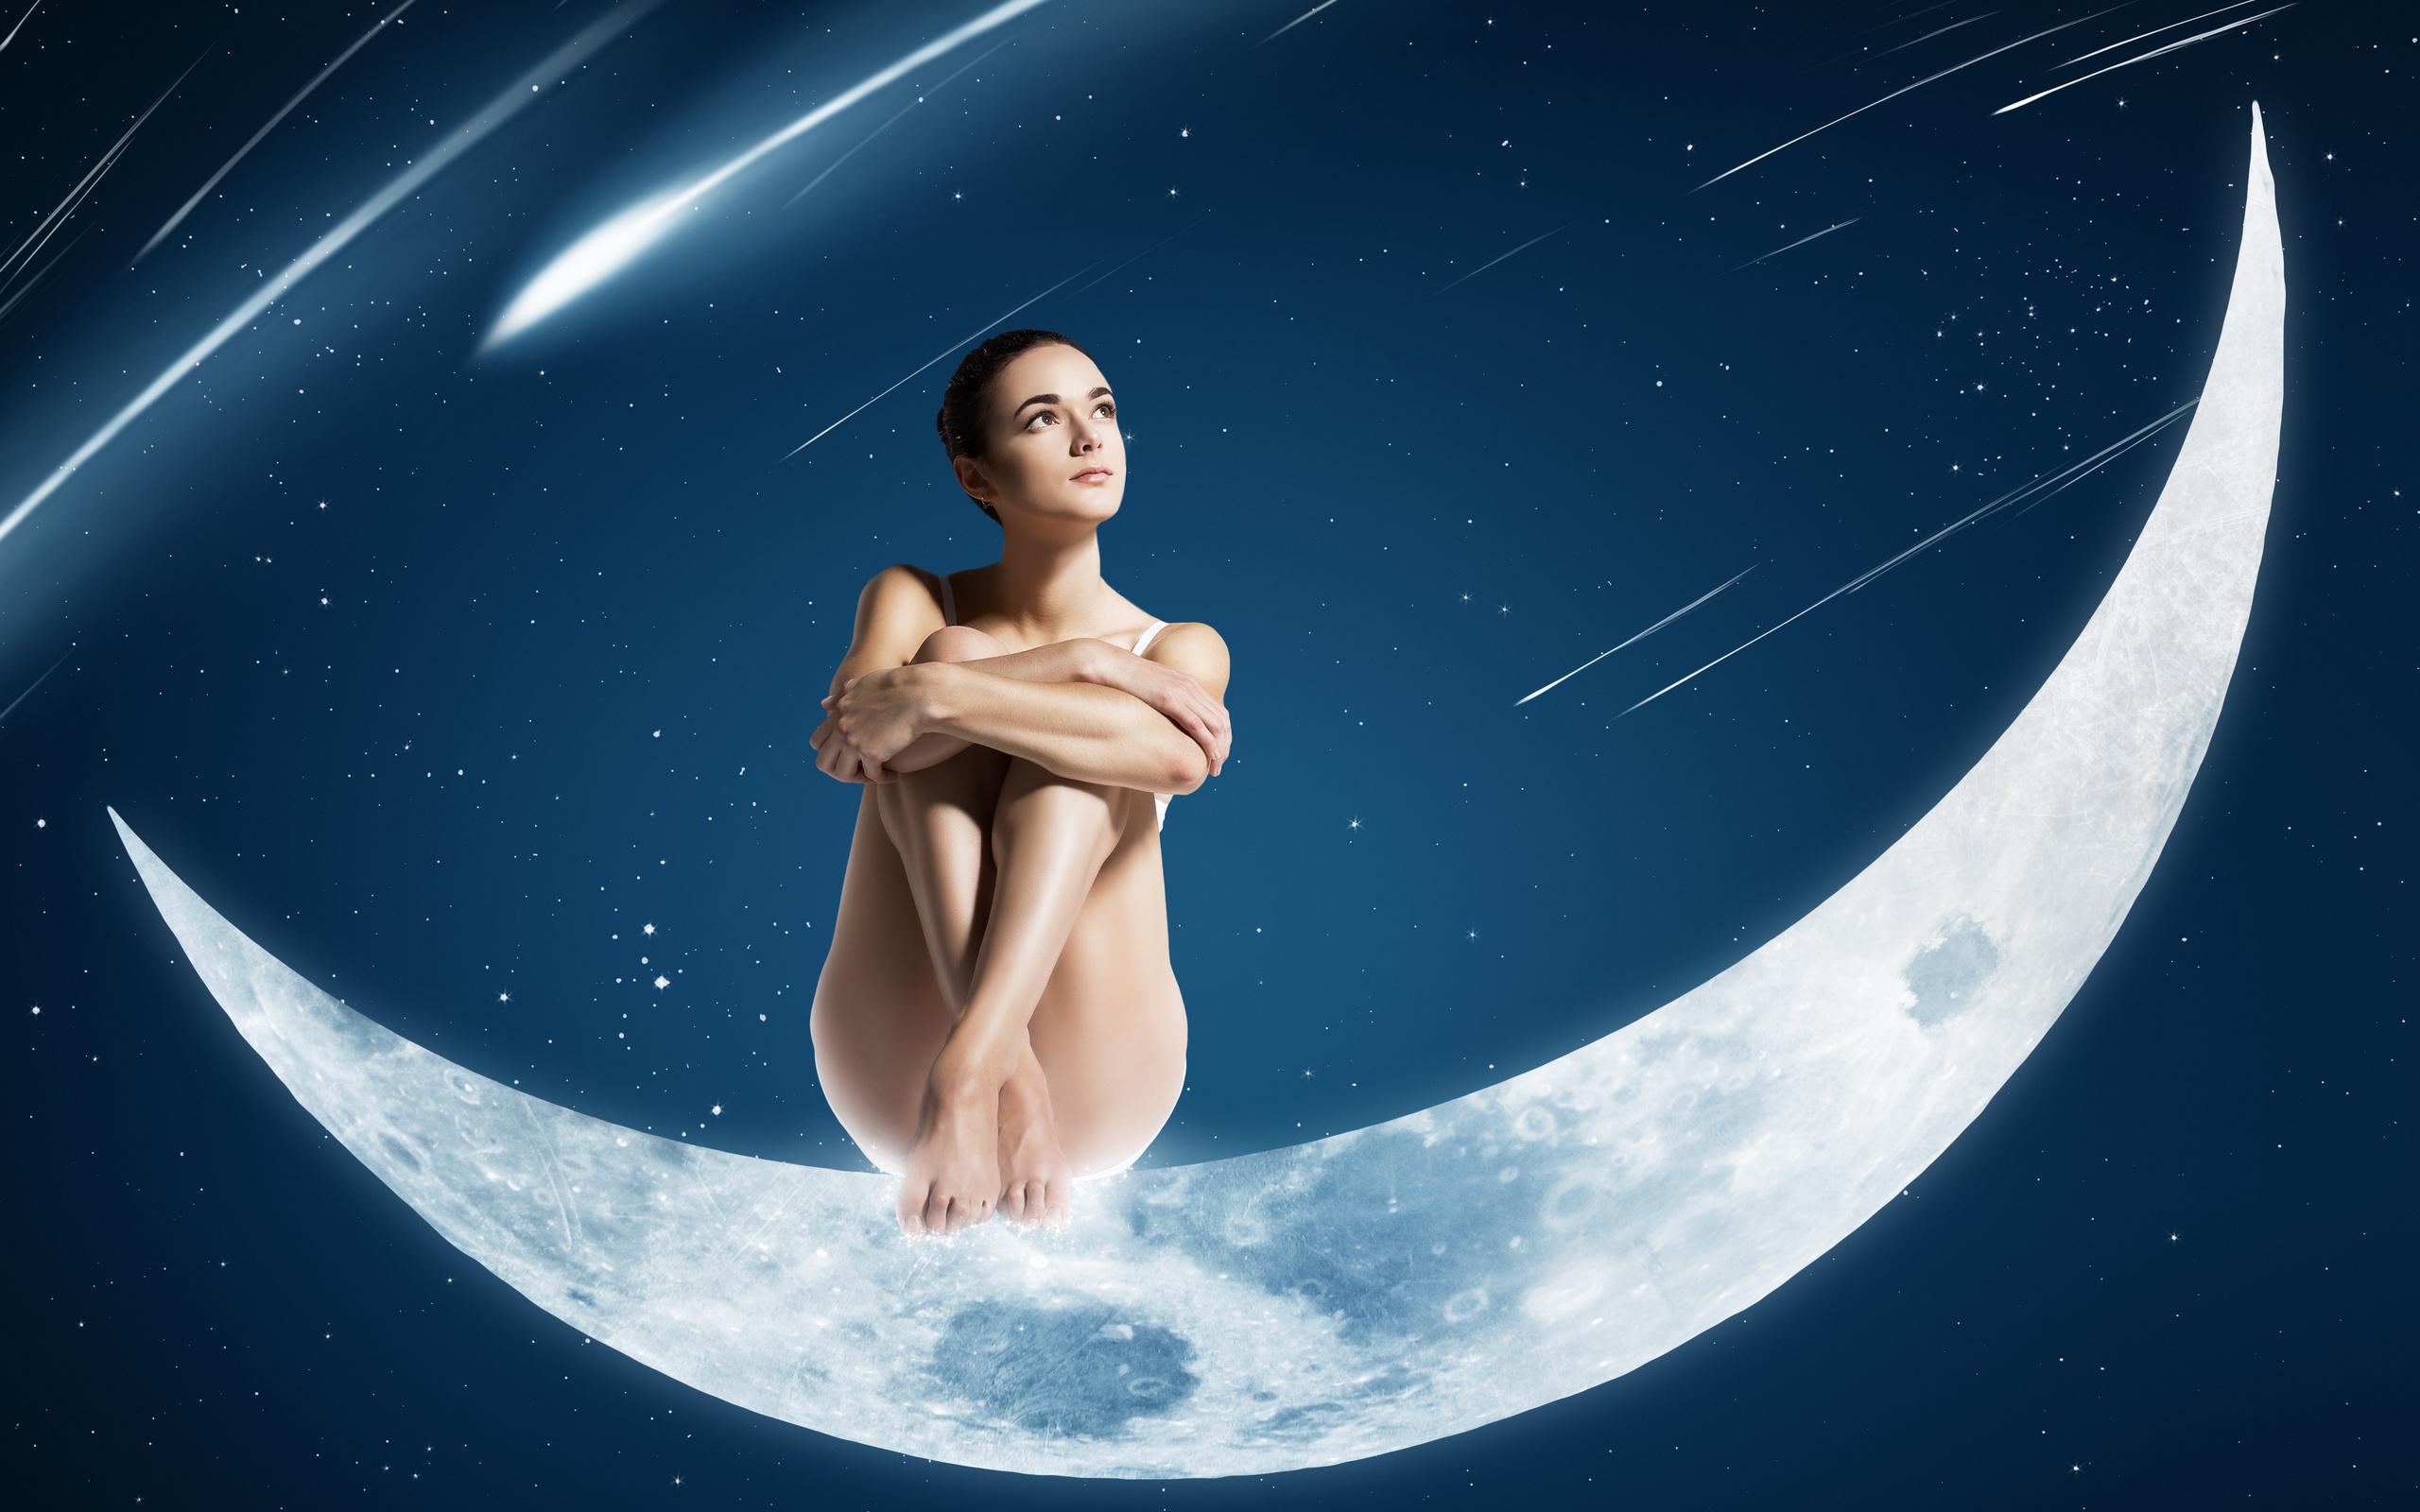 секс по луне и звездам октябрьский сексуальный календарь него писюн вырос